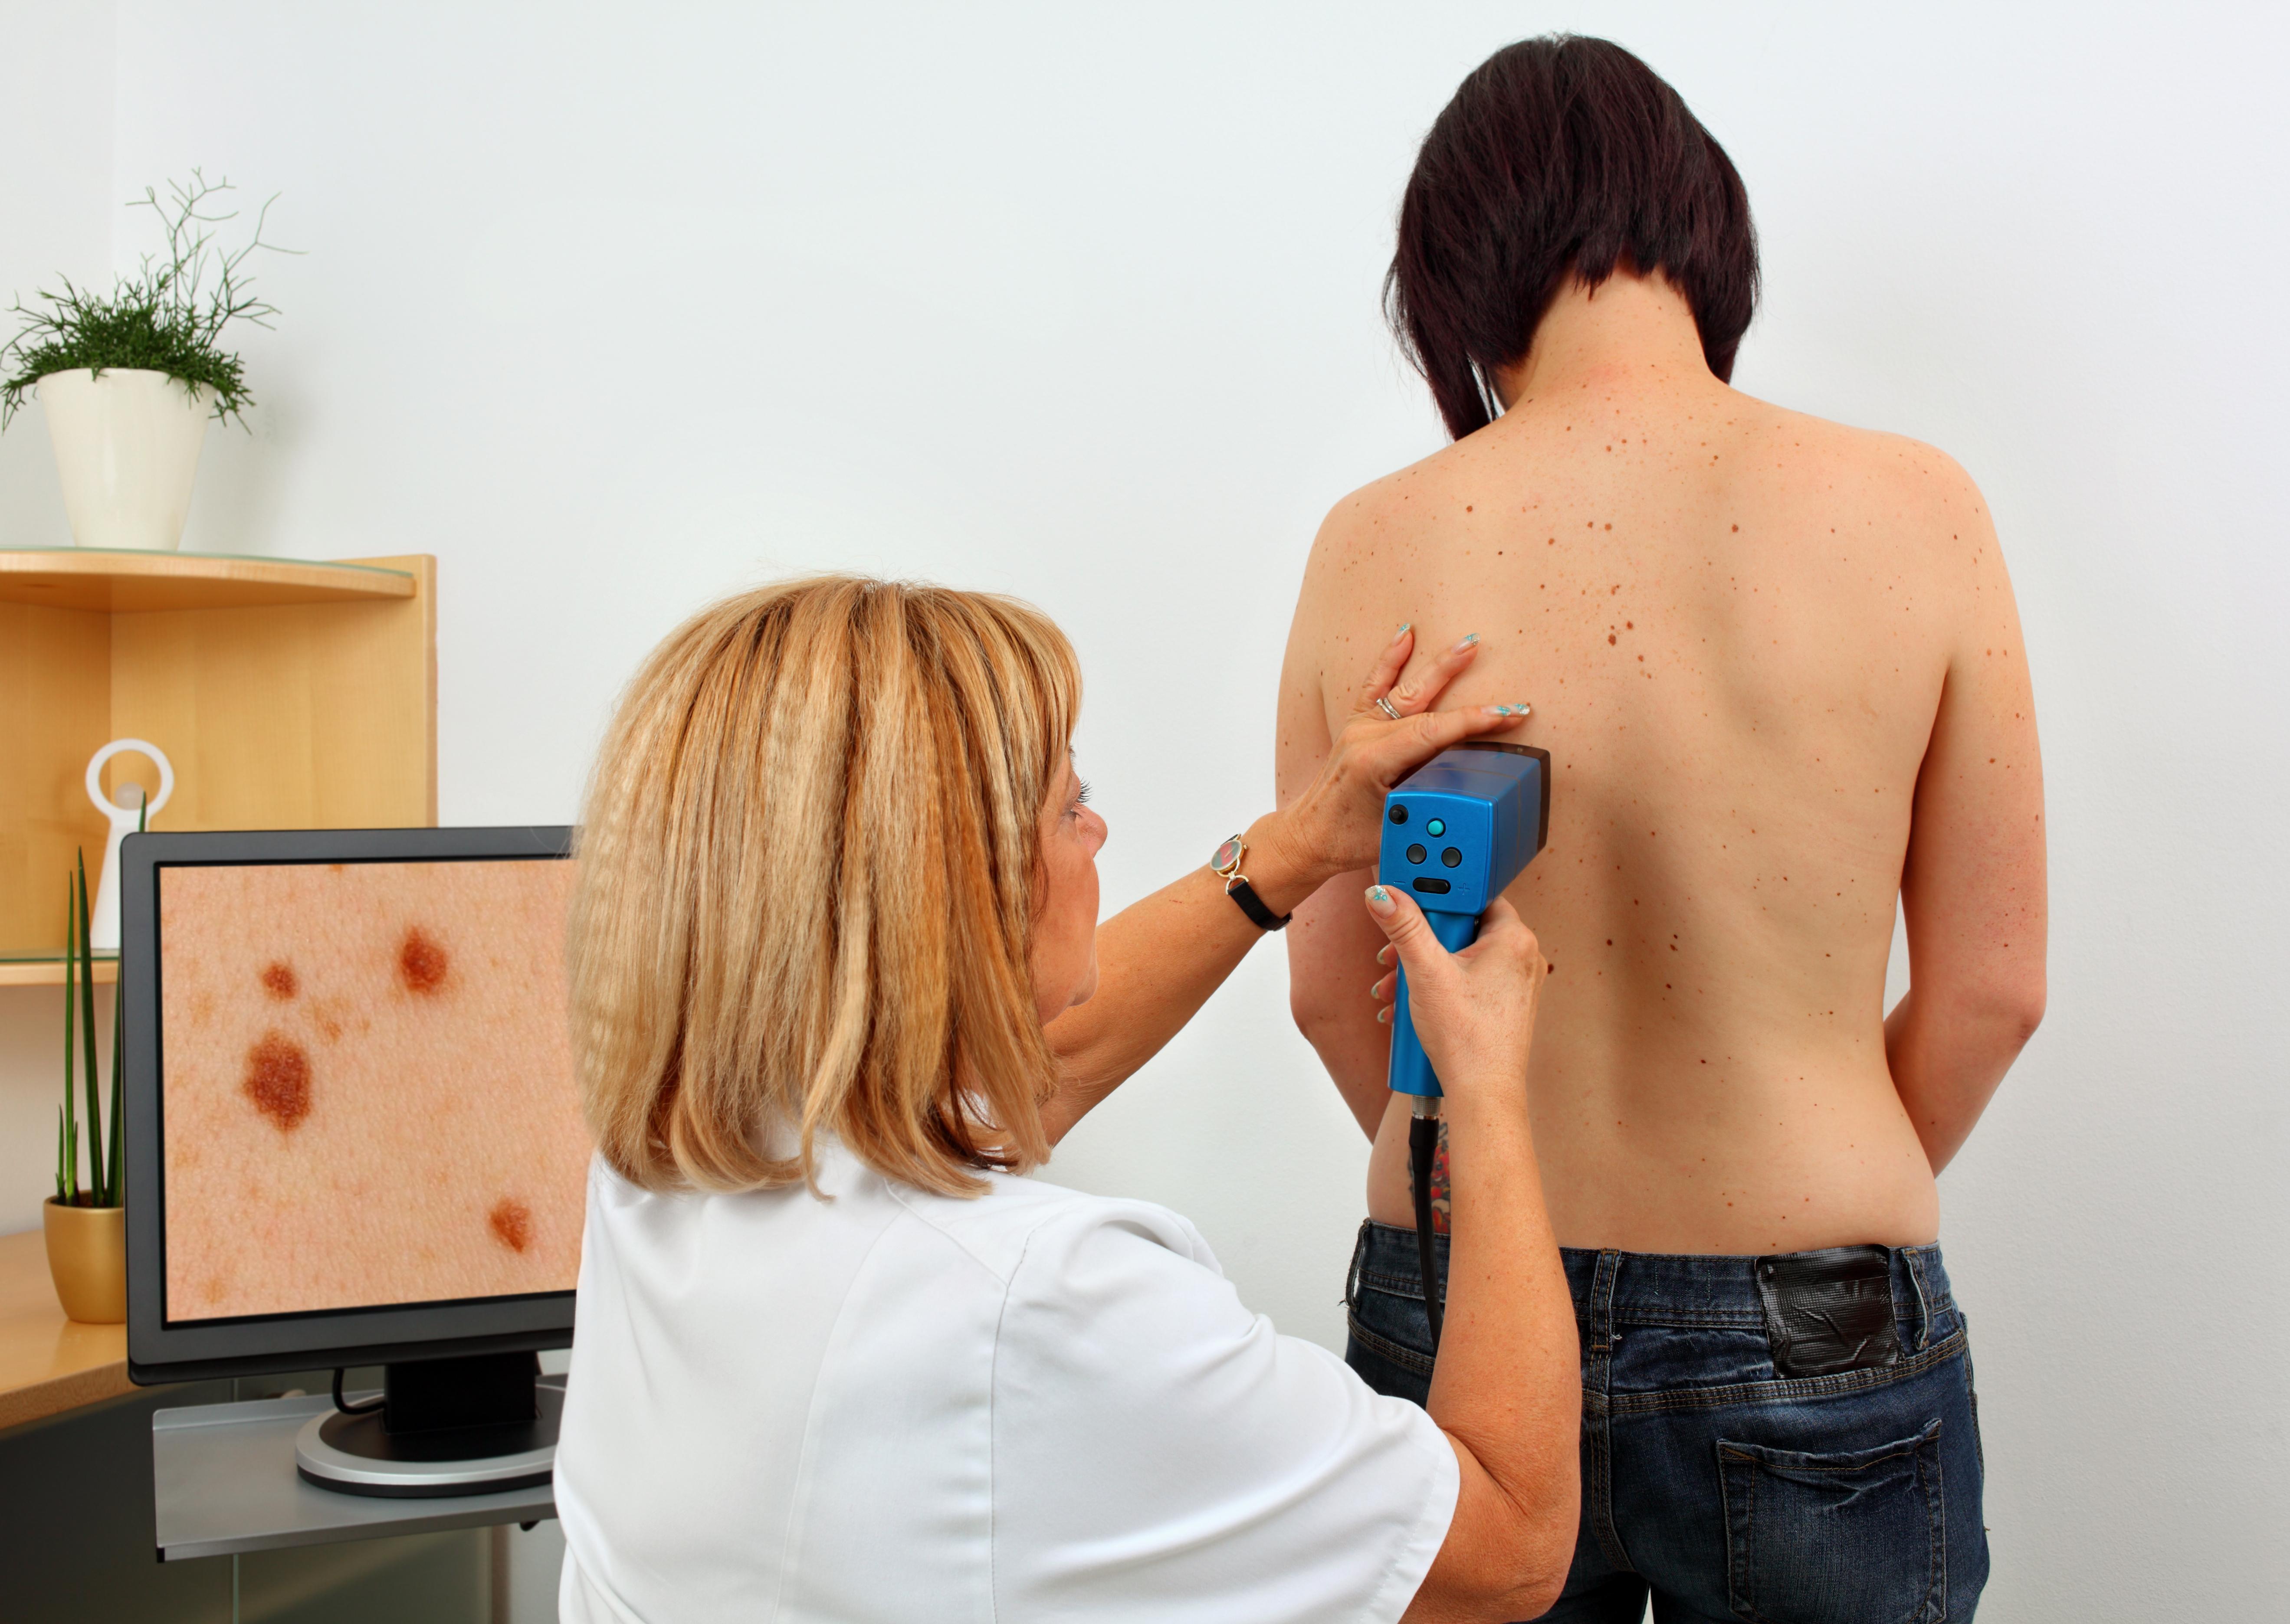 Ett foto till specialistmottagning skulle kunna snabba på diagnostiseringen av hudcancer konstaterar Statens beredning för medicinsk utvärdering.